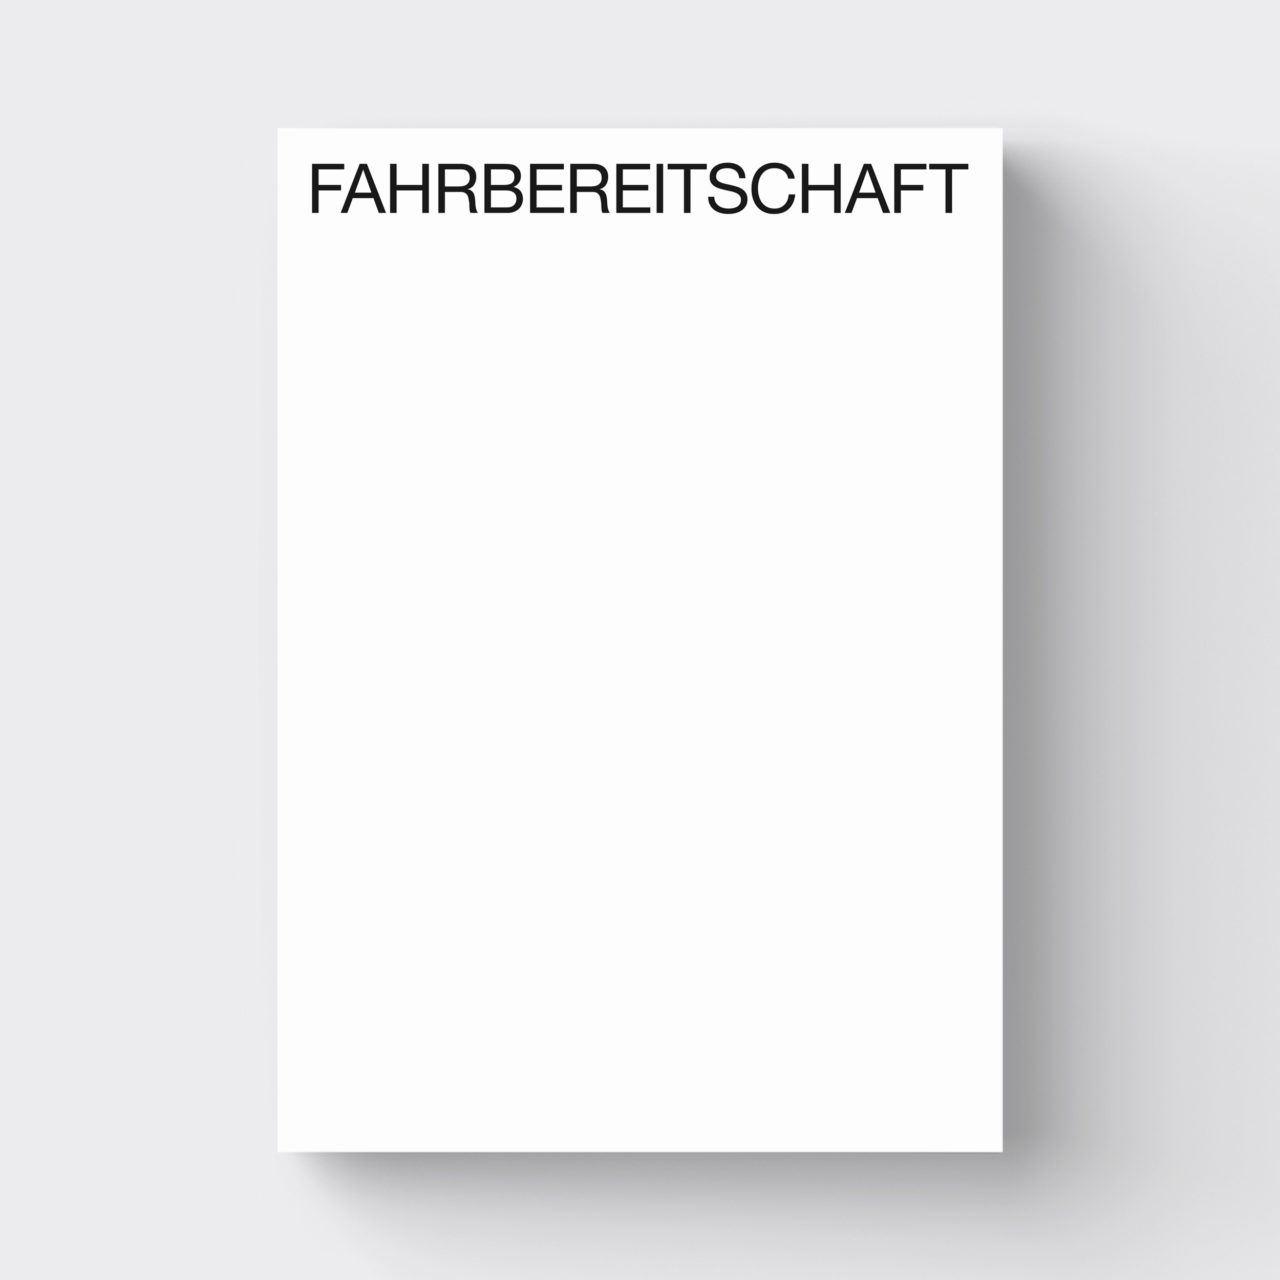 FAHRBEREITSCHAFT, Kerber Verlag, 2019